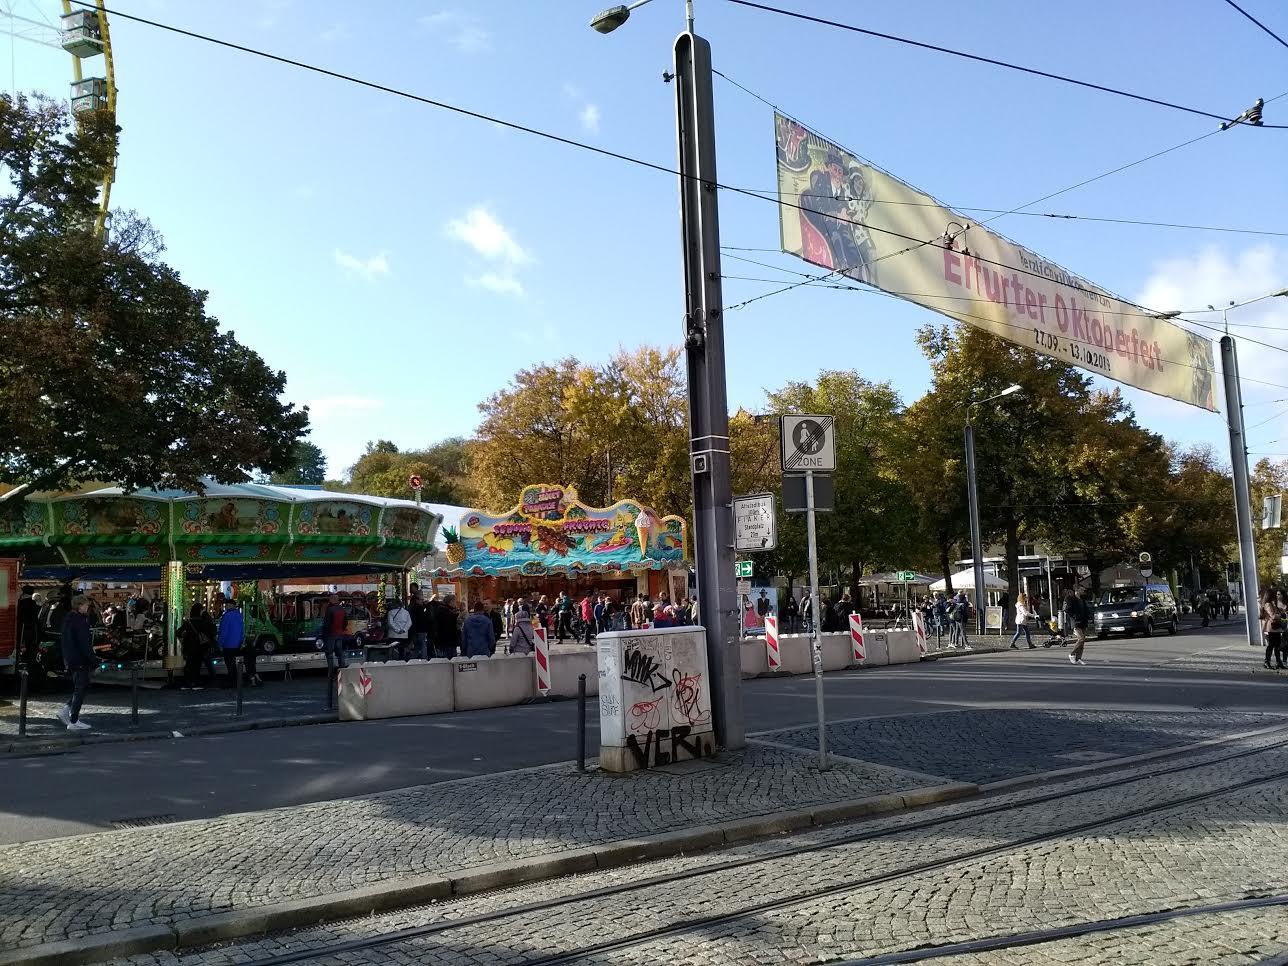 Oktoberfest in Erfurt 2019, Erfurter Oktoberfest 2019